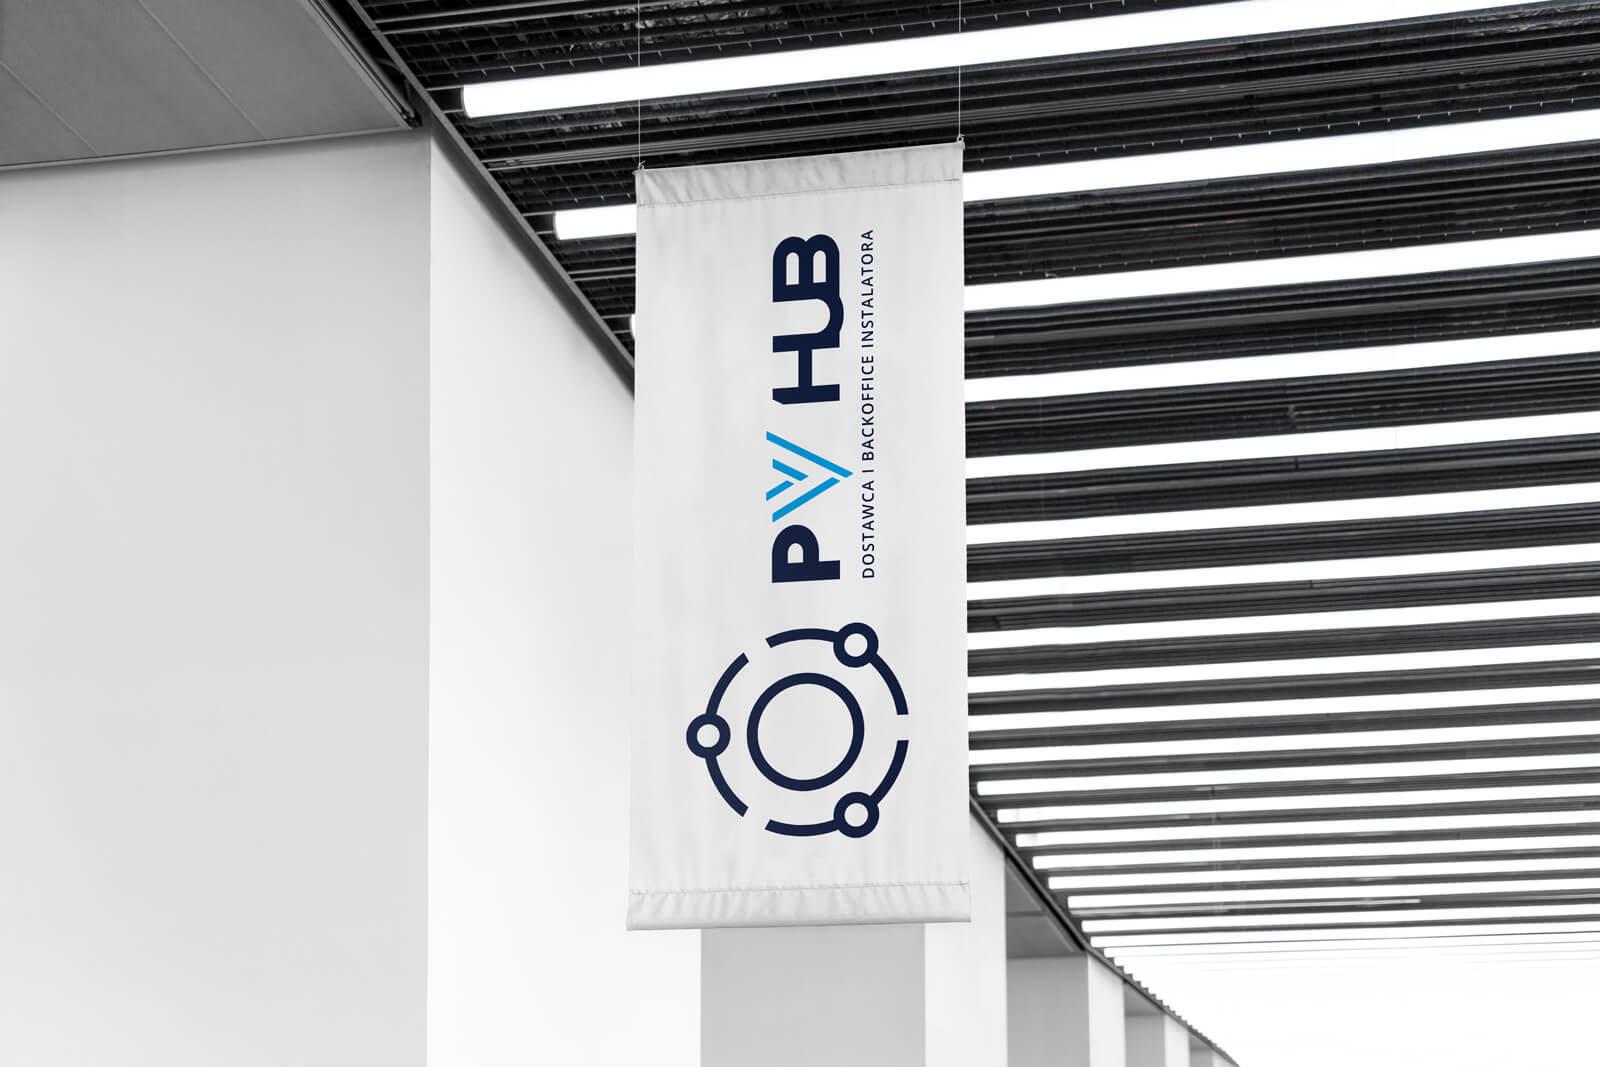 Projekt logo dla PVhub - dostawca i backoffice instalatora fotowoltaiki - wizualizacja na fladze